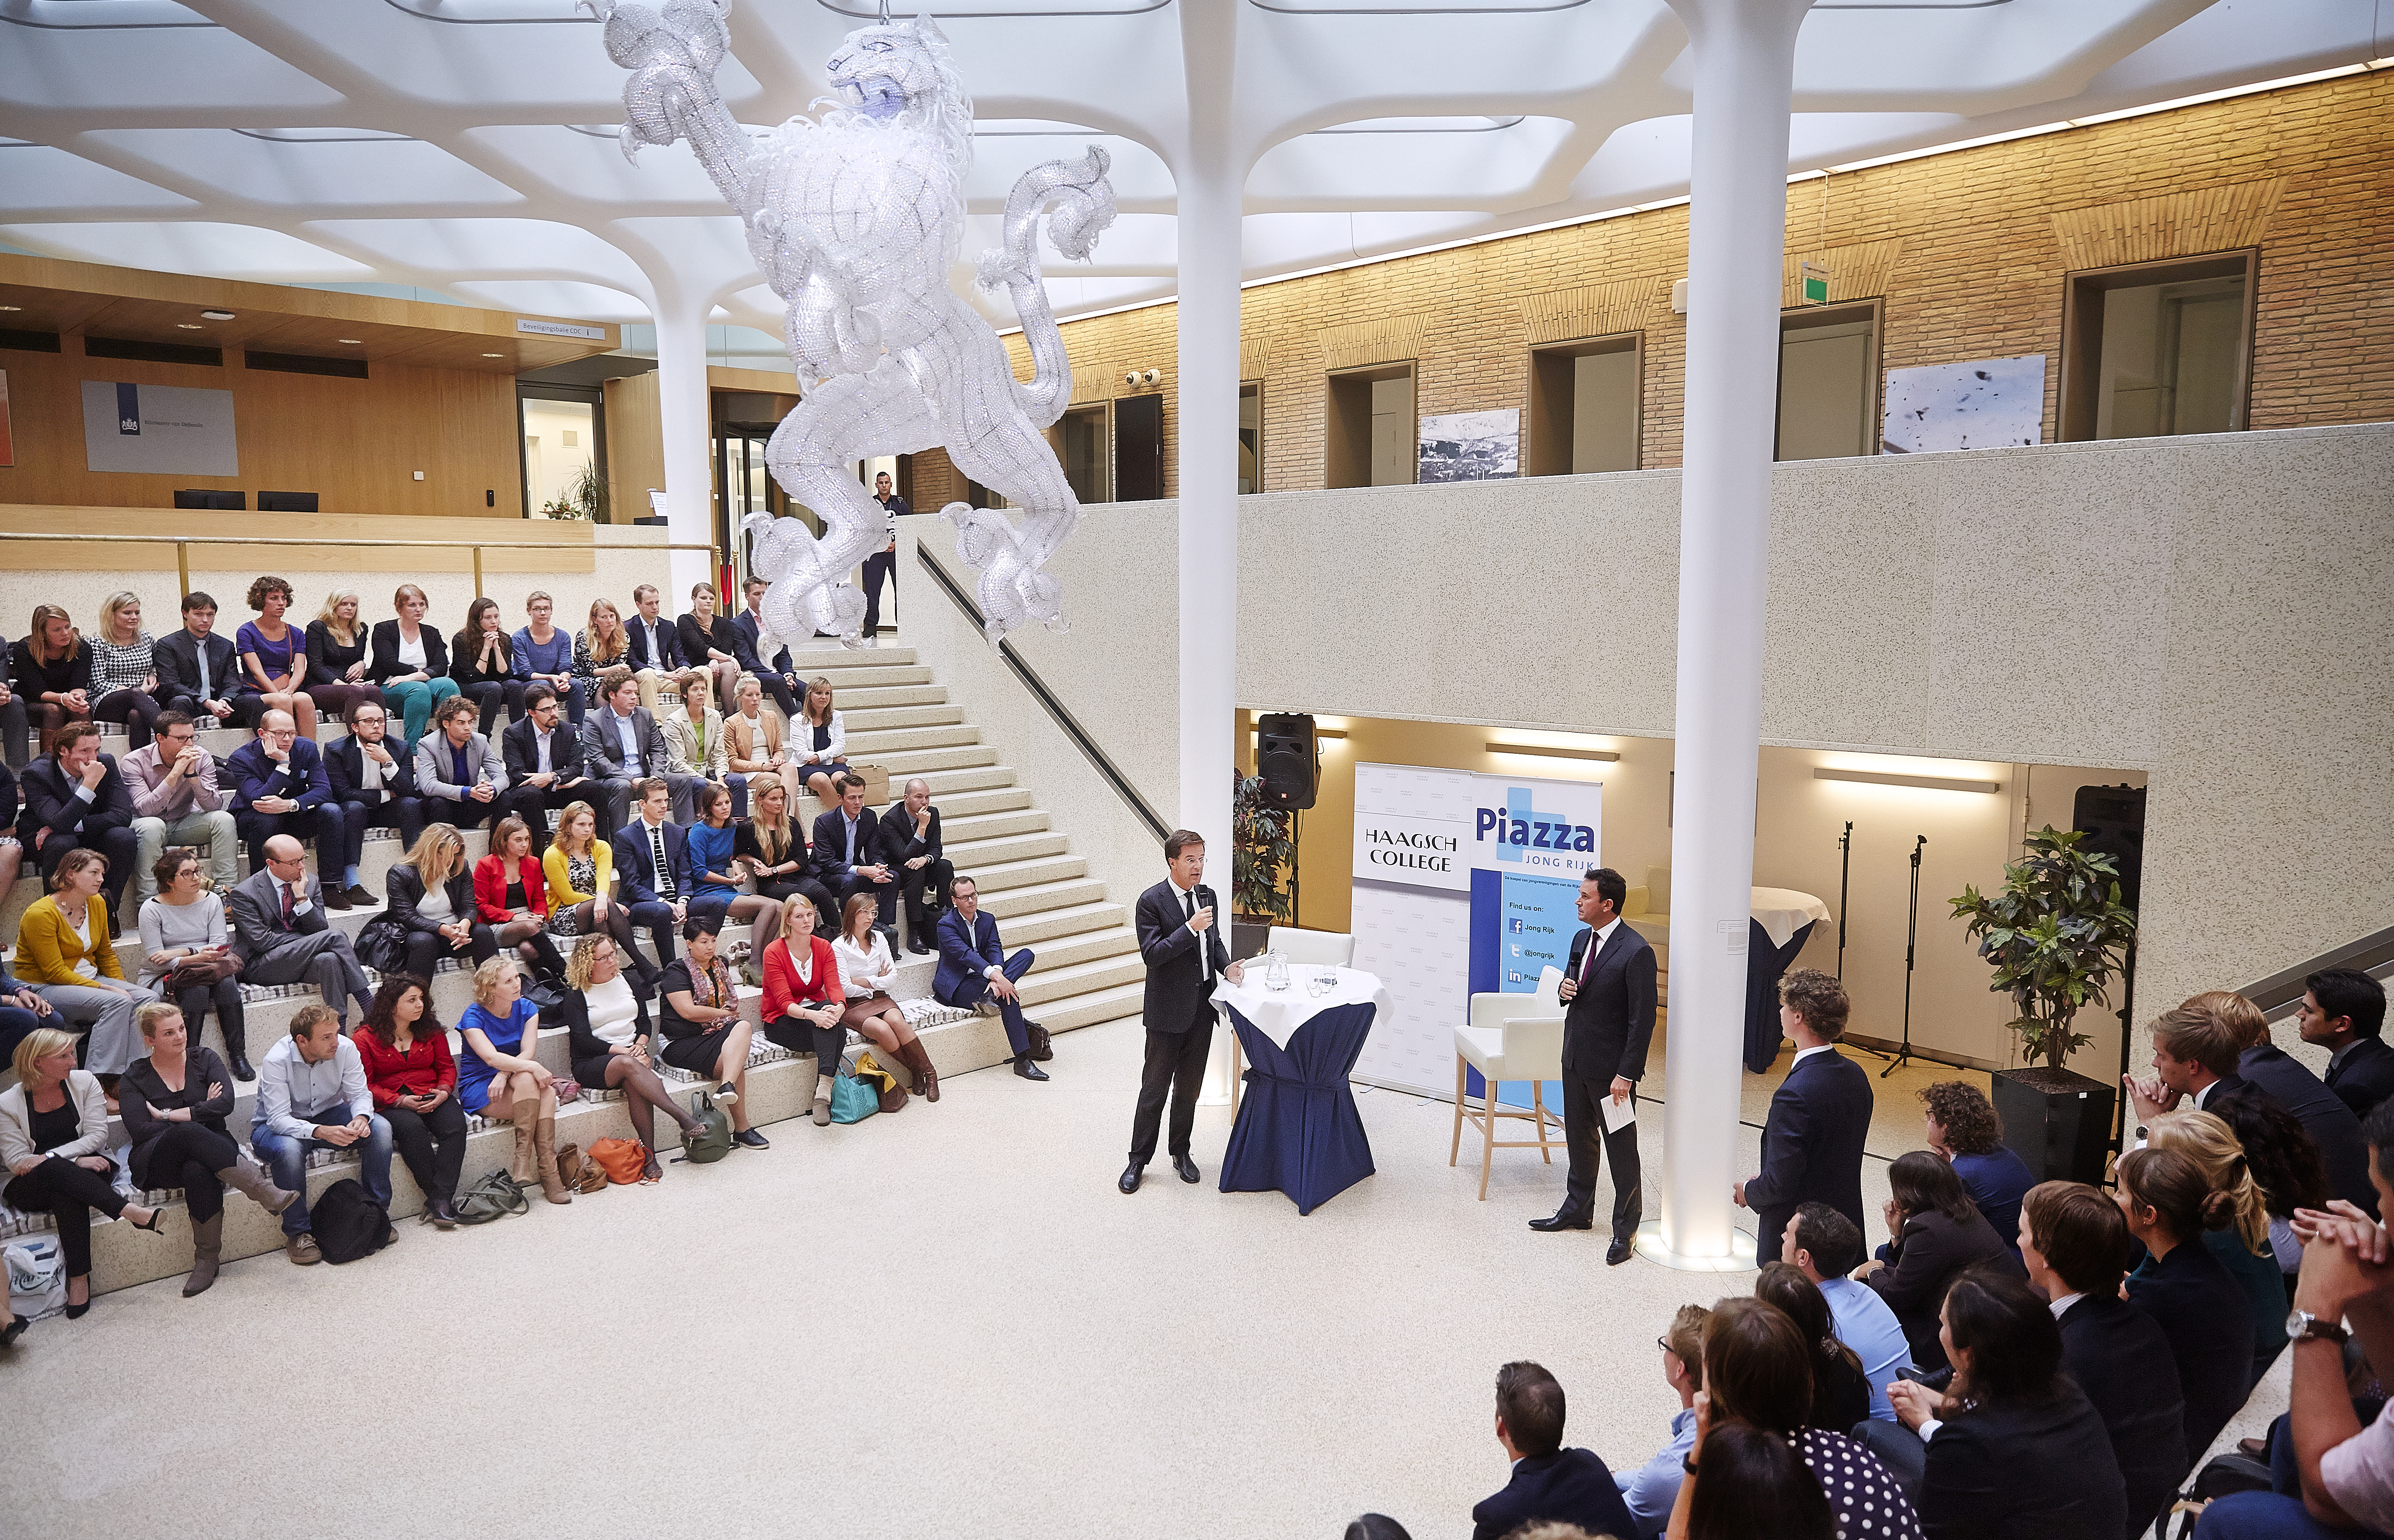 Den Haag, 26 augustus 2014, Premier Mark Rutte ontmoet jonge Defensie-ambtenaren in de Leeuwenkuil op het ministerie van Defensie.